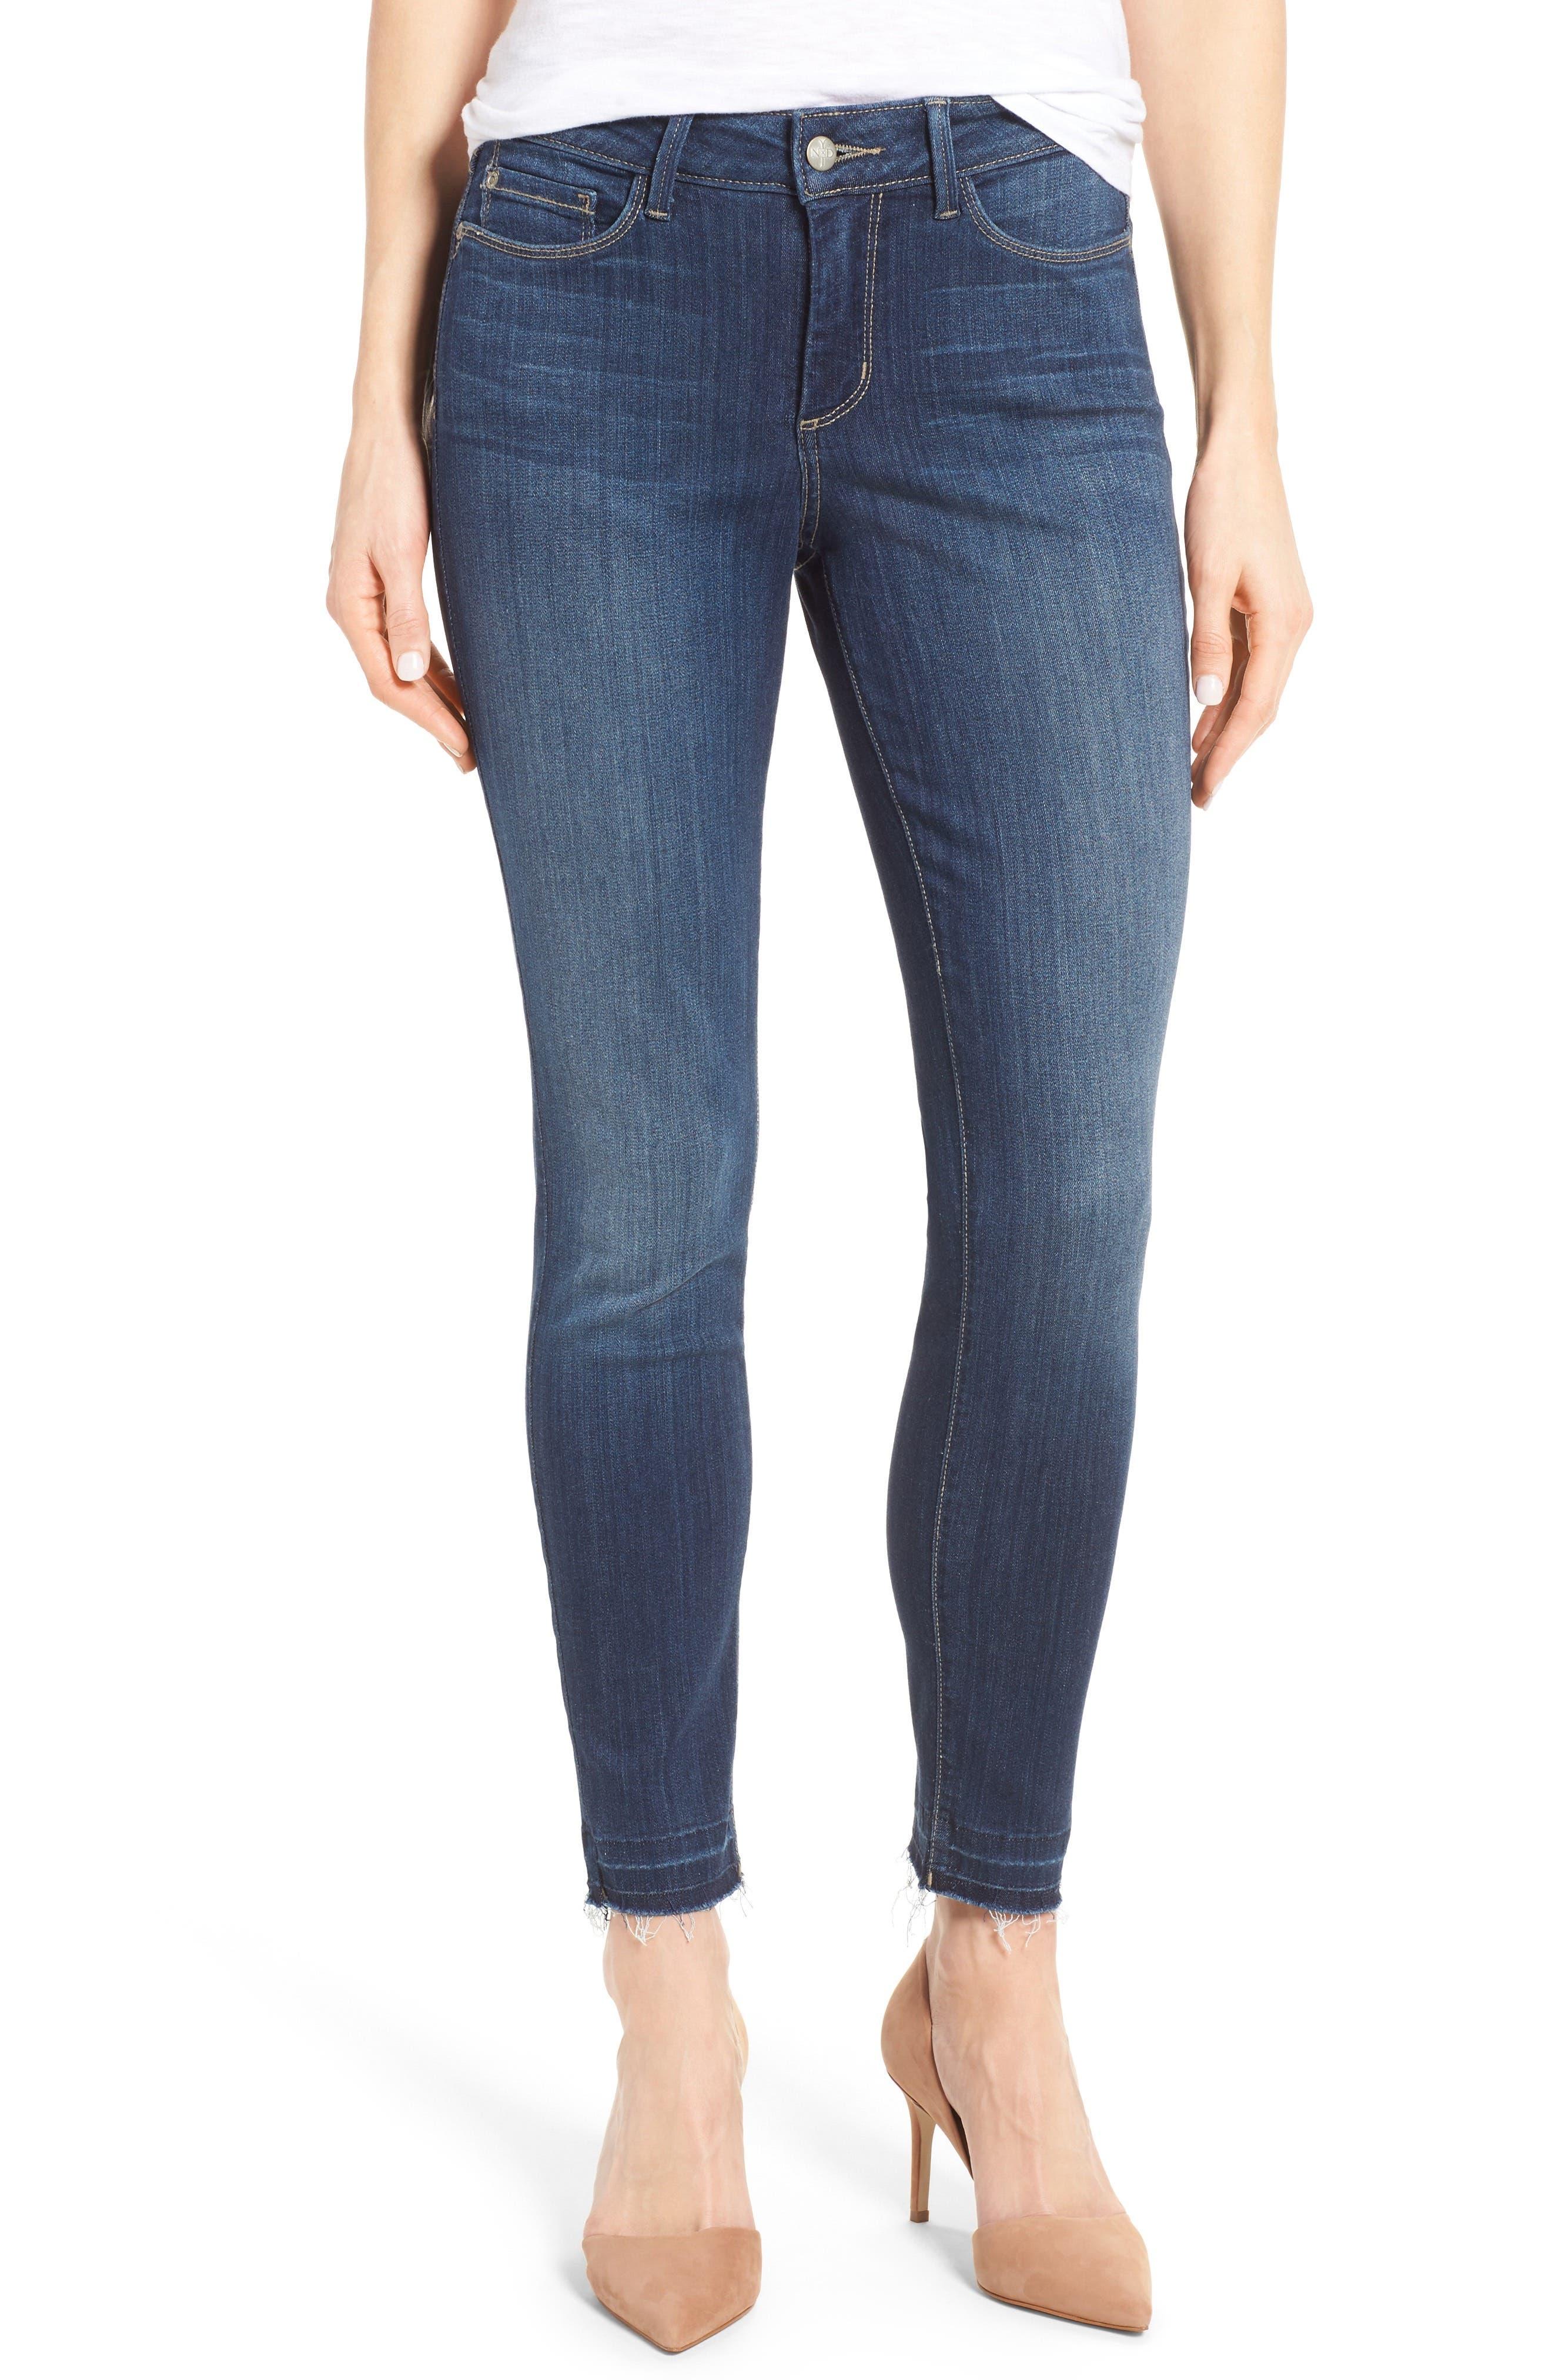 NYDJ Ami Release Hem Stretch Skinny Jeans